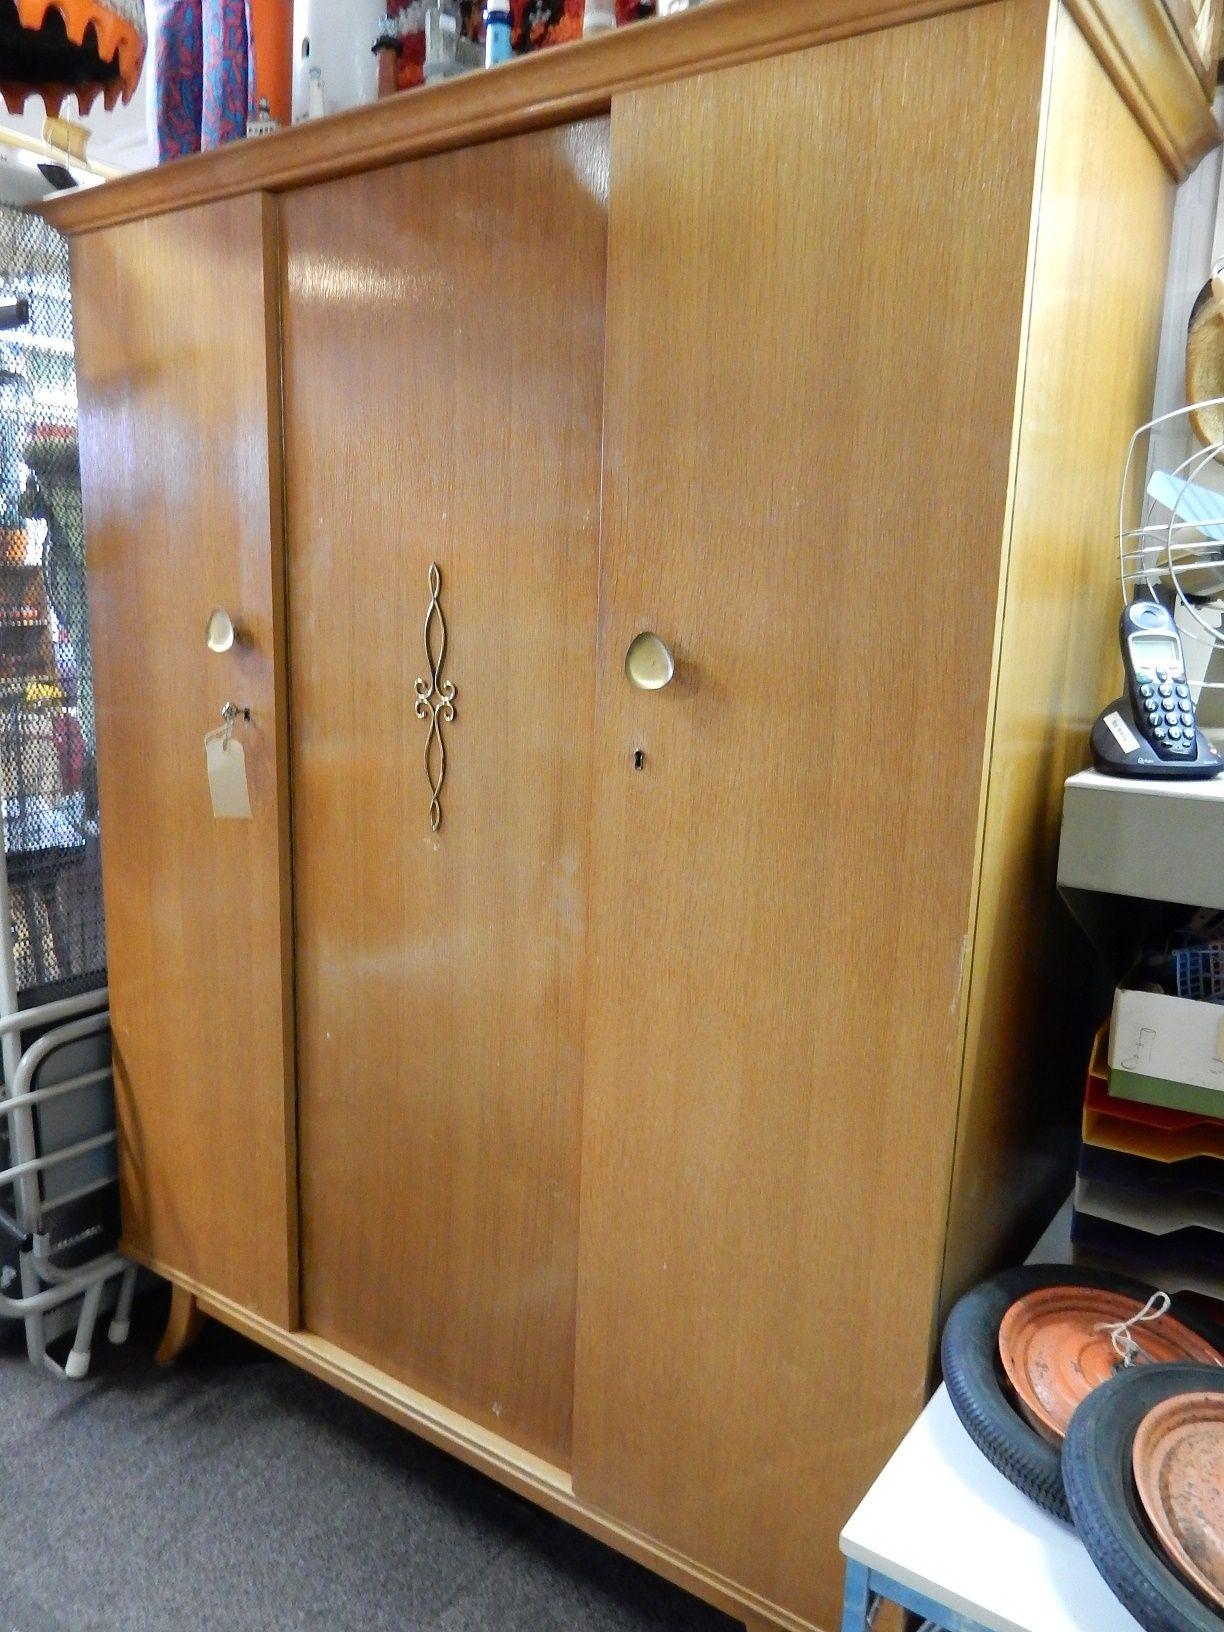 Kledingkast 150 Cm Hoog.Te Koop Vintage Kledingkast Afmetingen 185 Cm Hoog 60 Cm Diep En